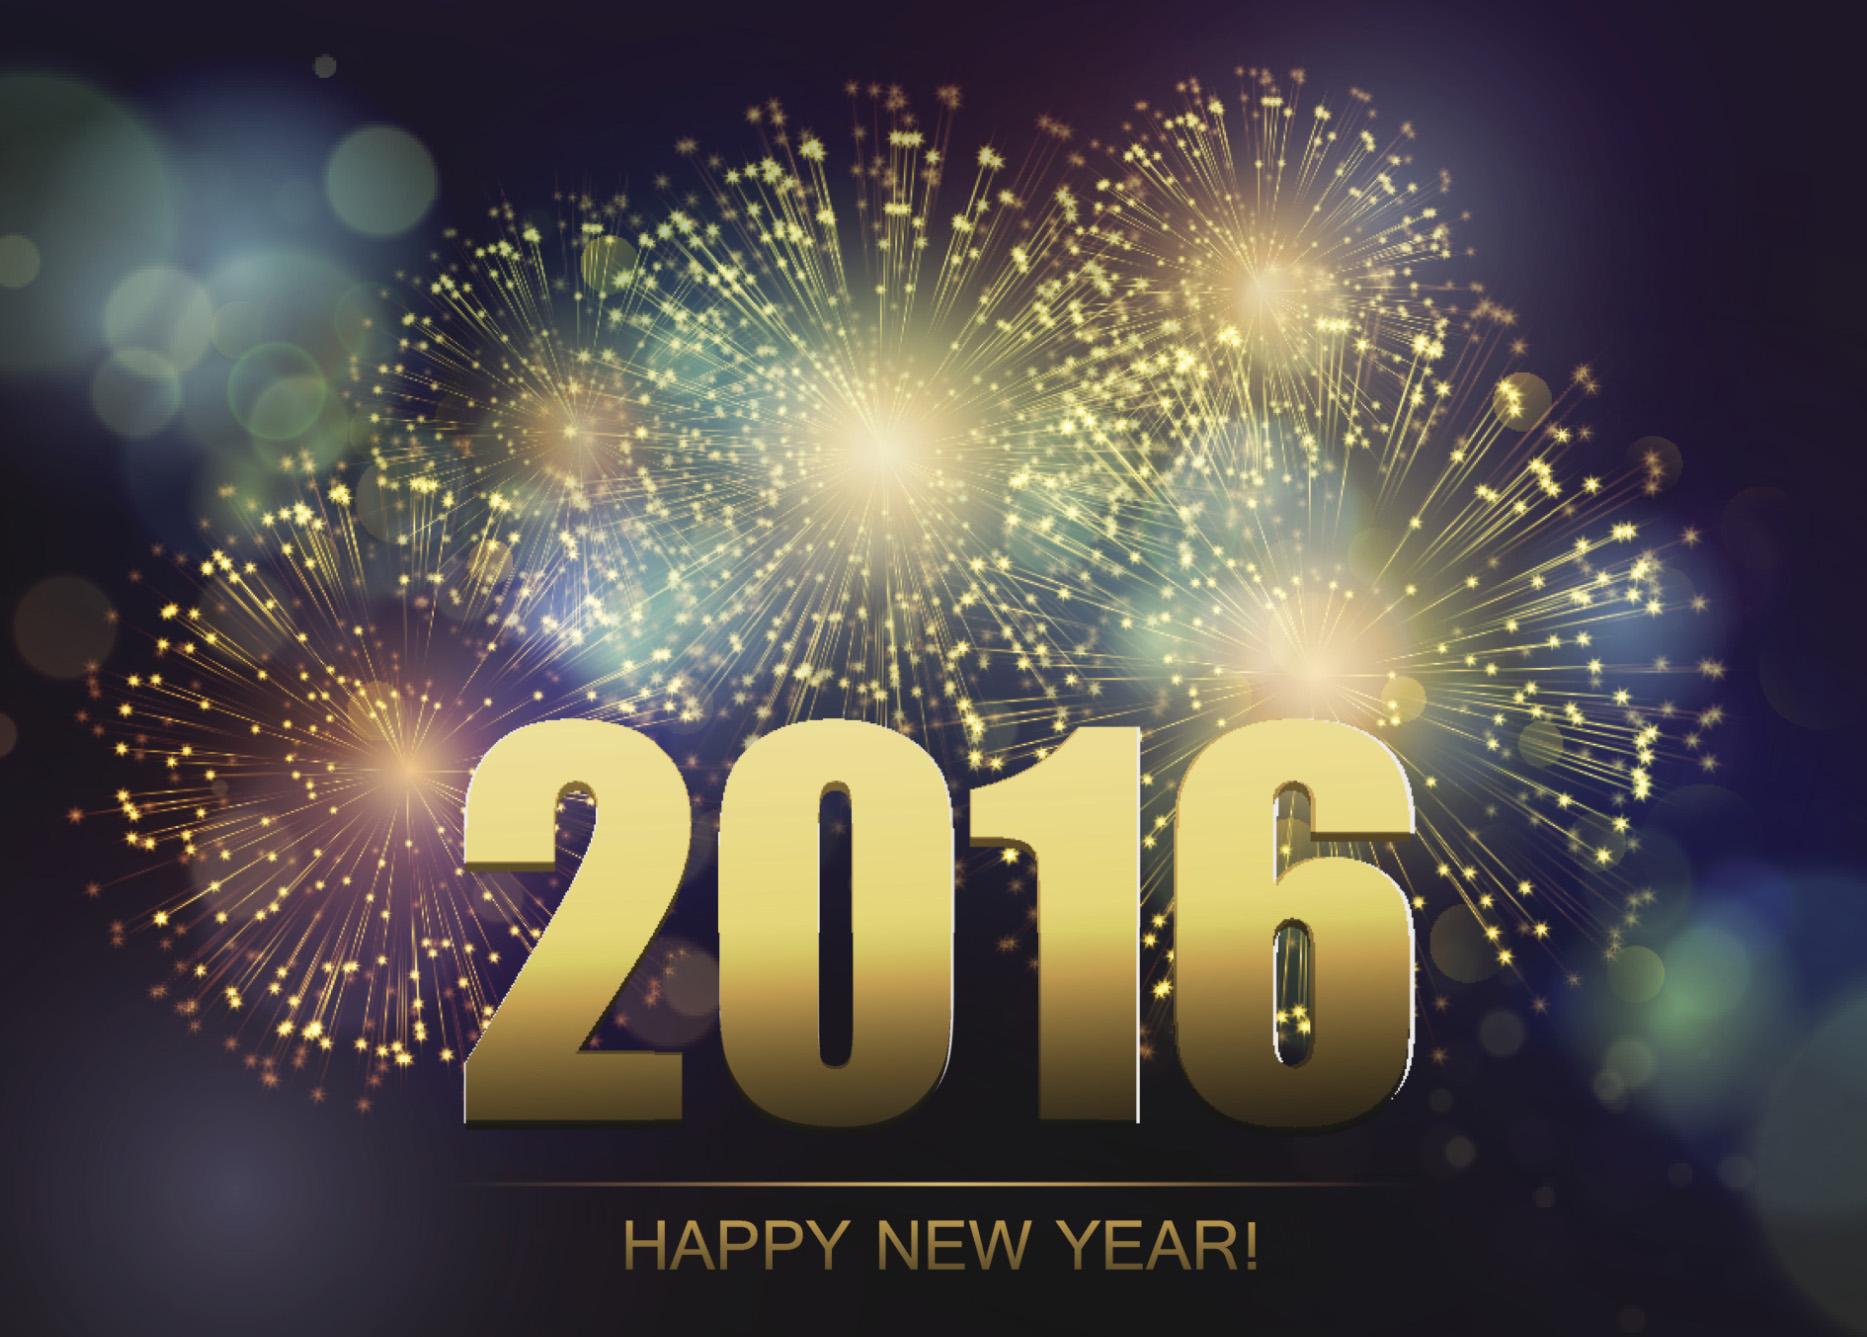 Happy-new-year-2016-crop-ThinkstockPhotos-487201156(1)-strizh-